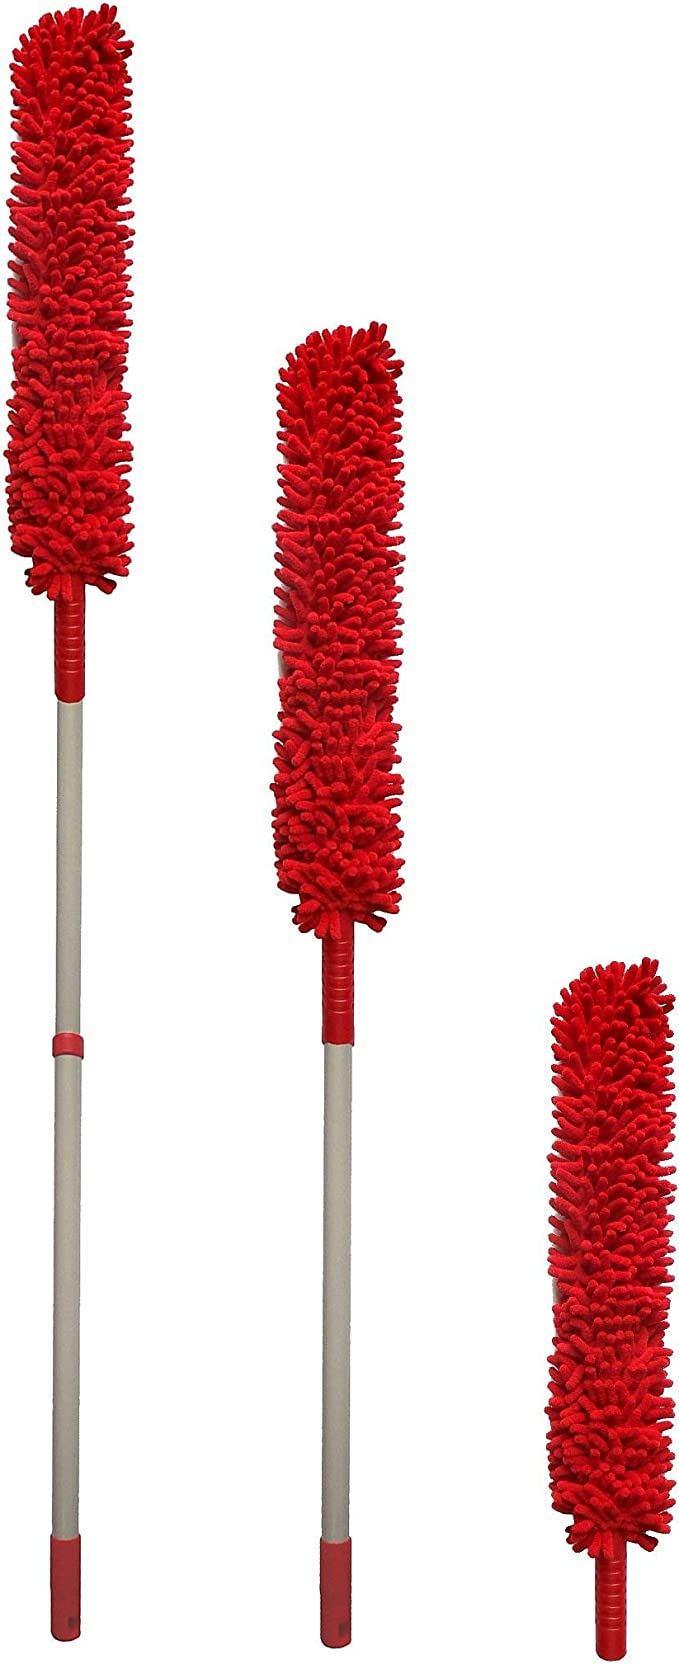 Pour canap/é Plumeau /à long manche amovible pour retirer la poussi/ère meubles T/ête de brosse pliable avec housse en tissu lit m/énage